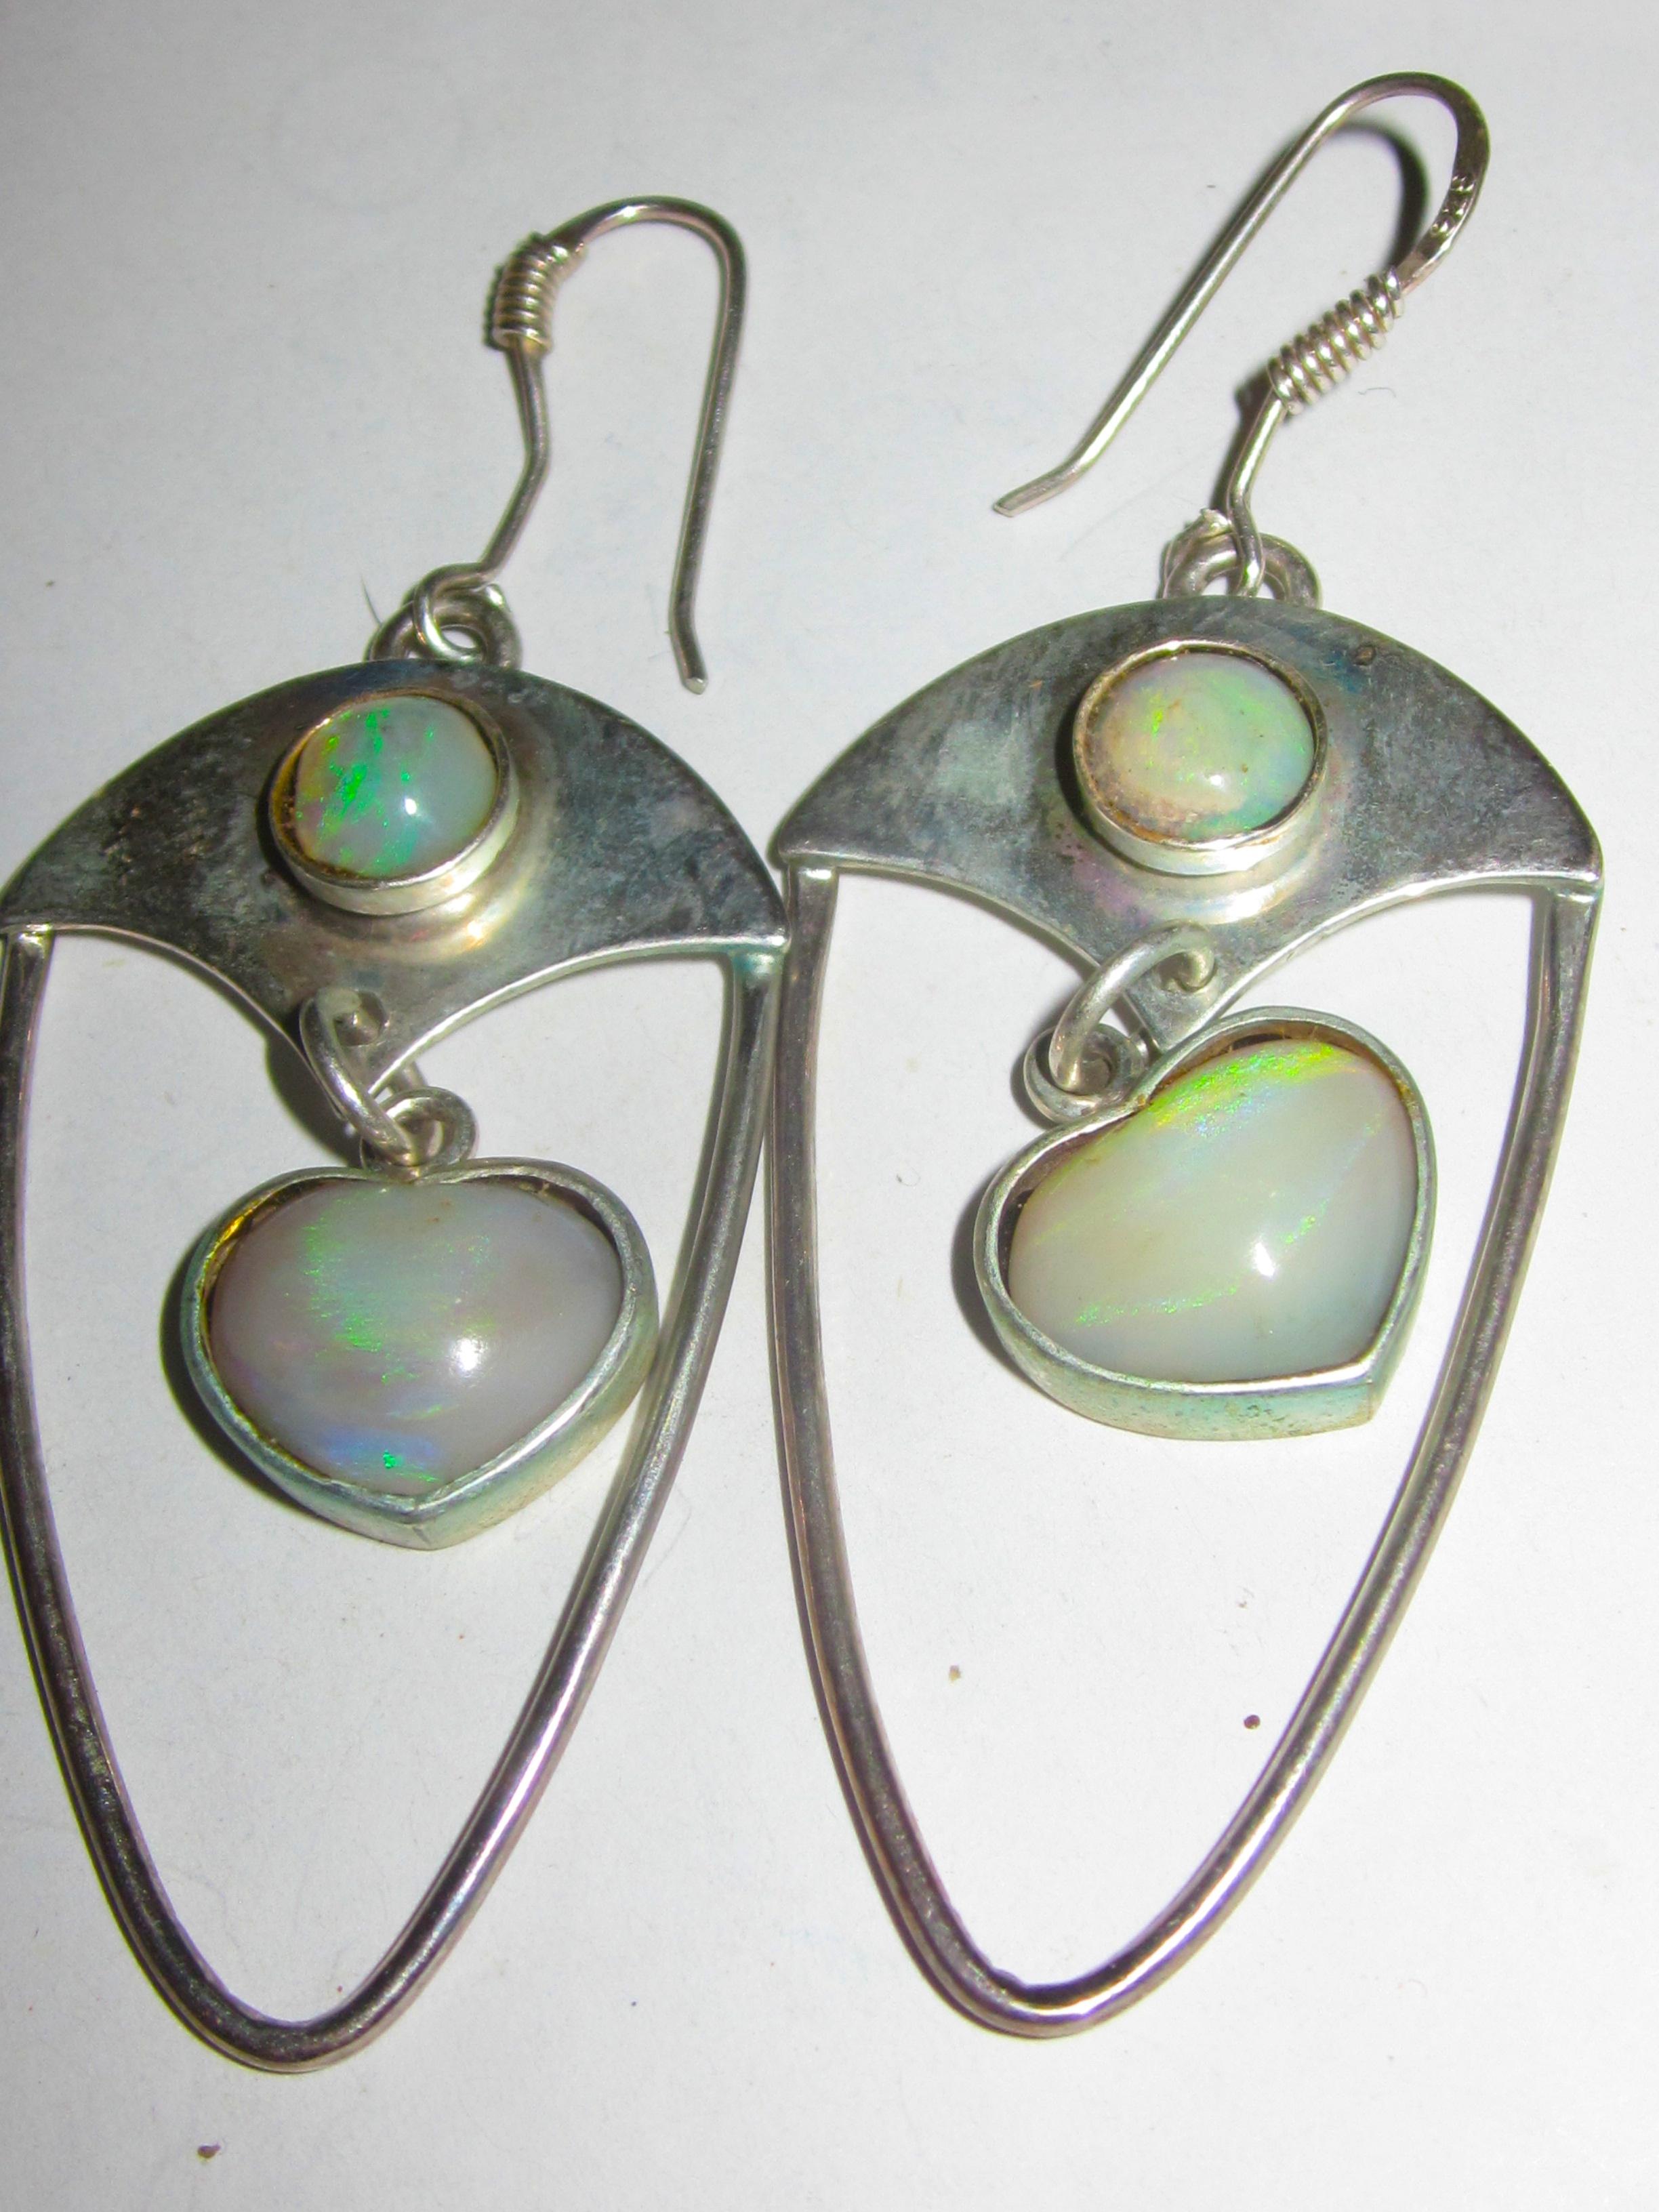 opal earrings australian opal earringshandmade earrings